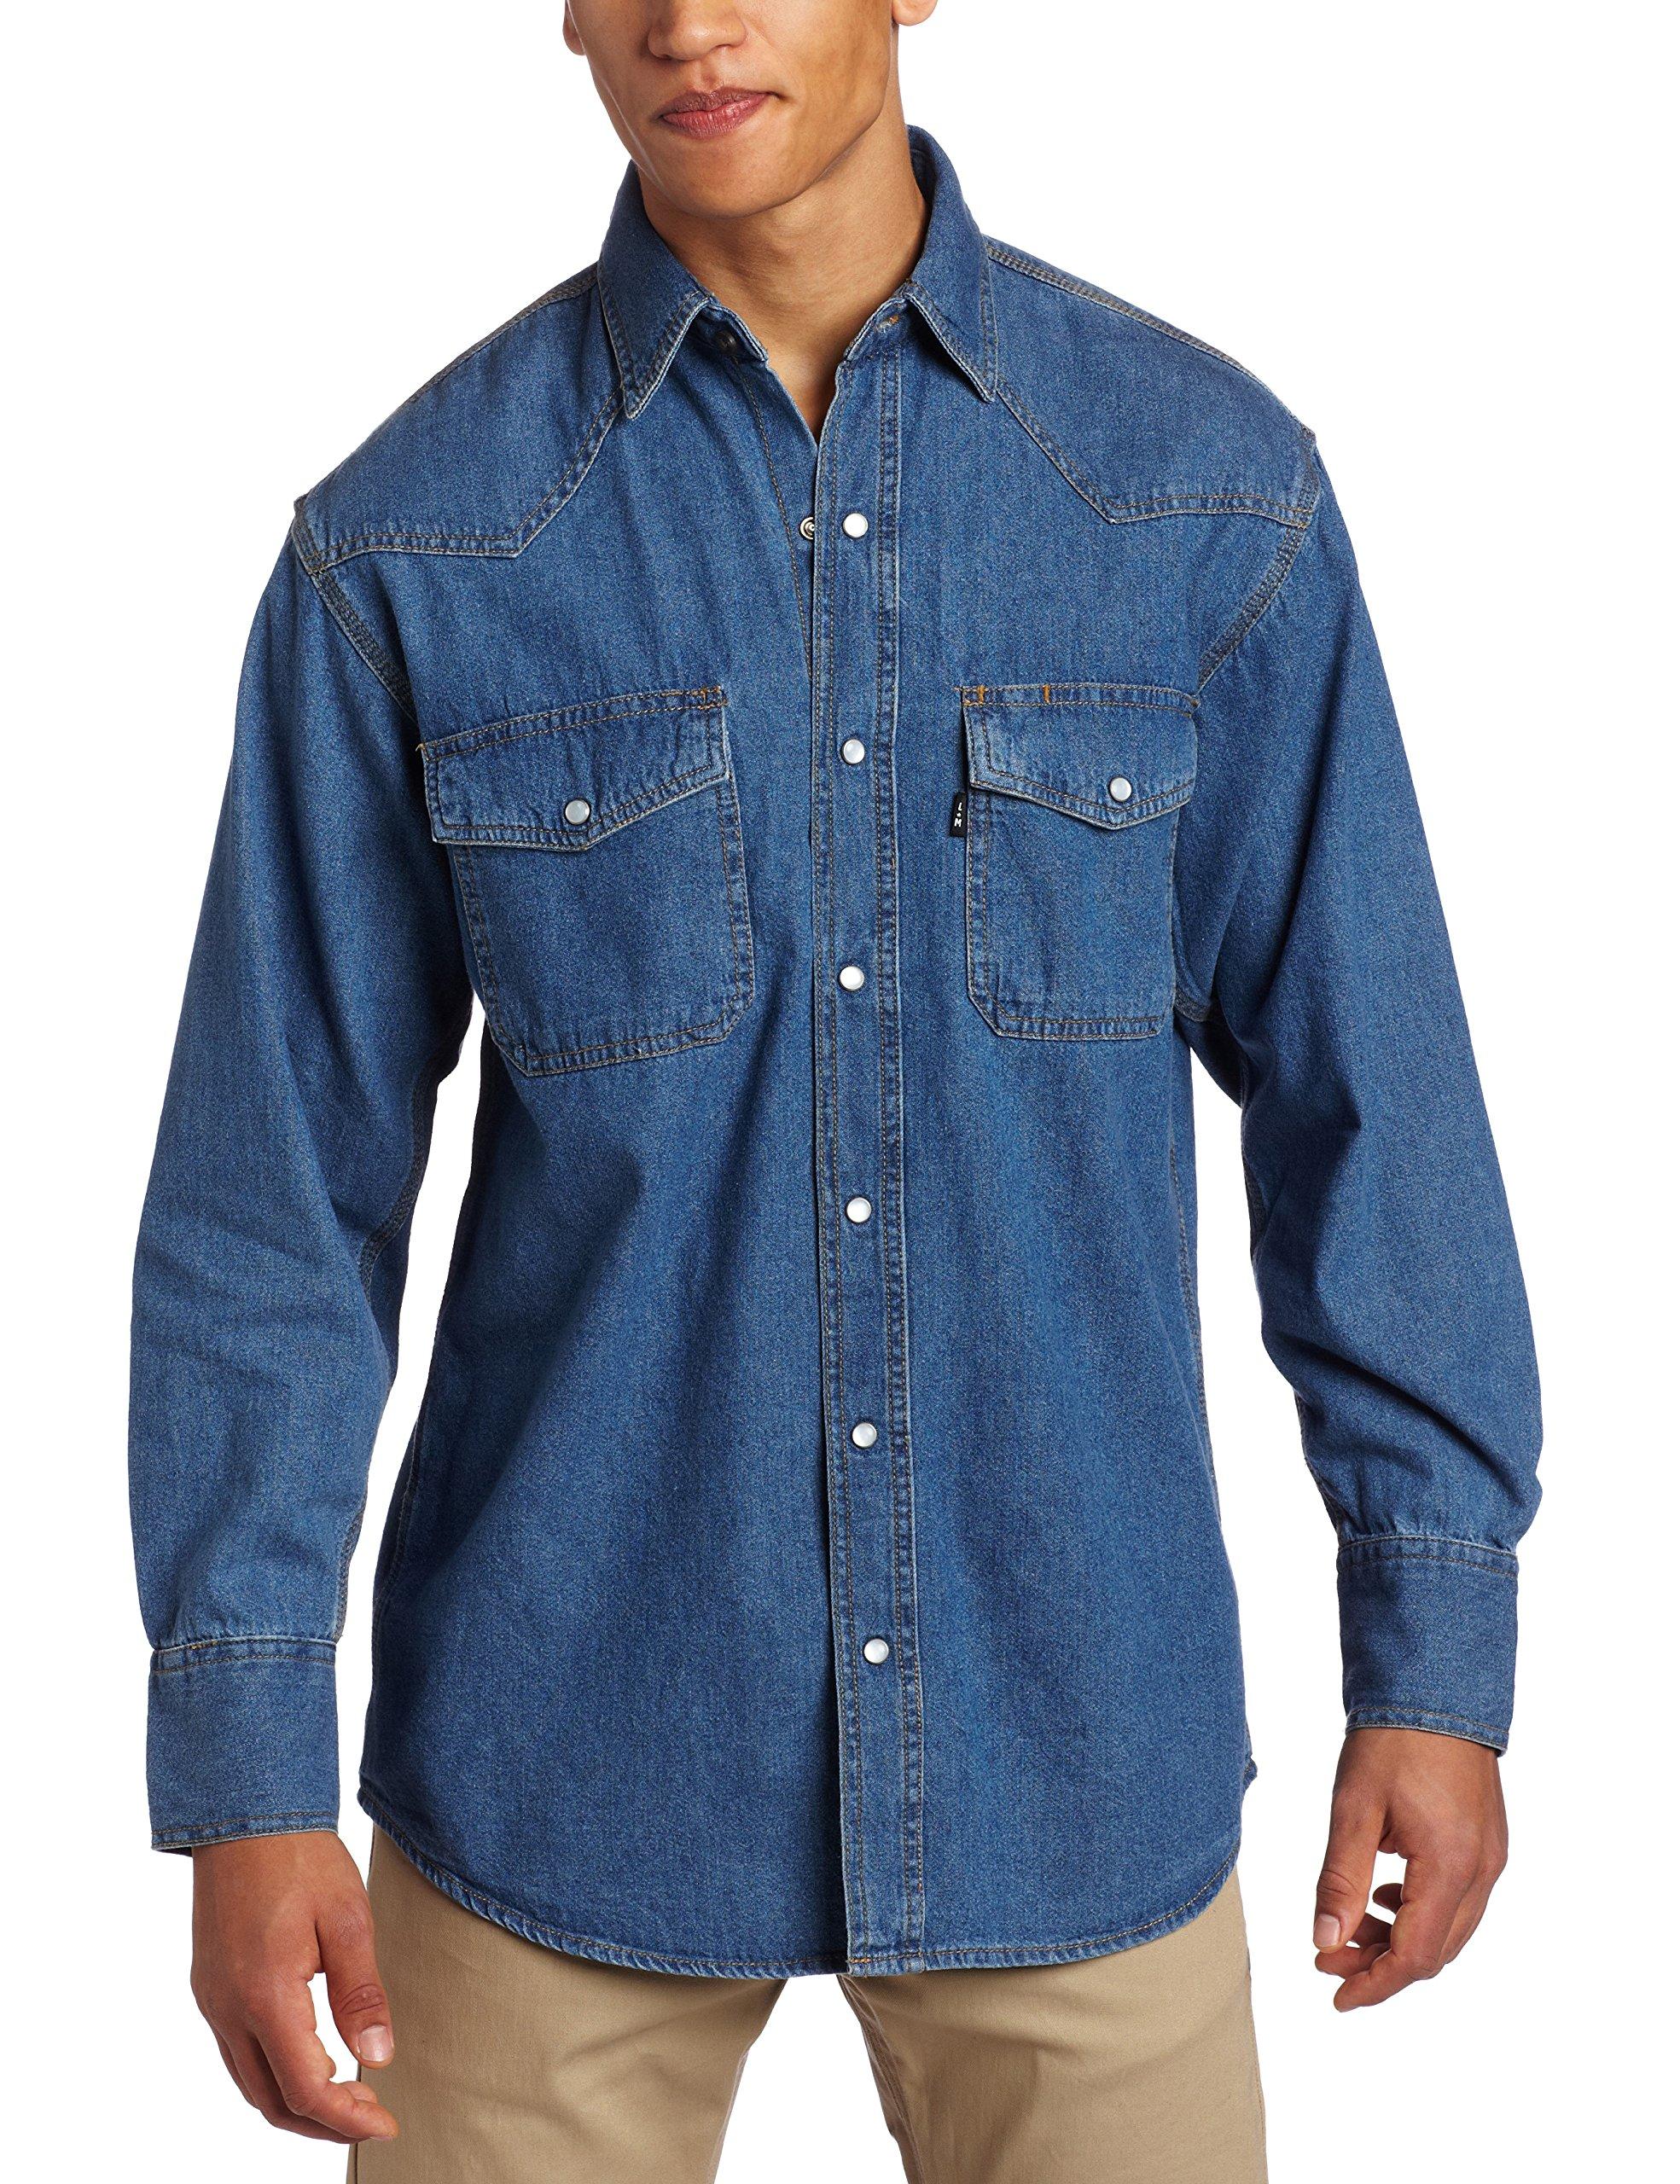 bc7b546da5a Jeans Shirt For Mens Amazon